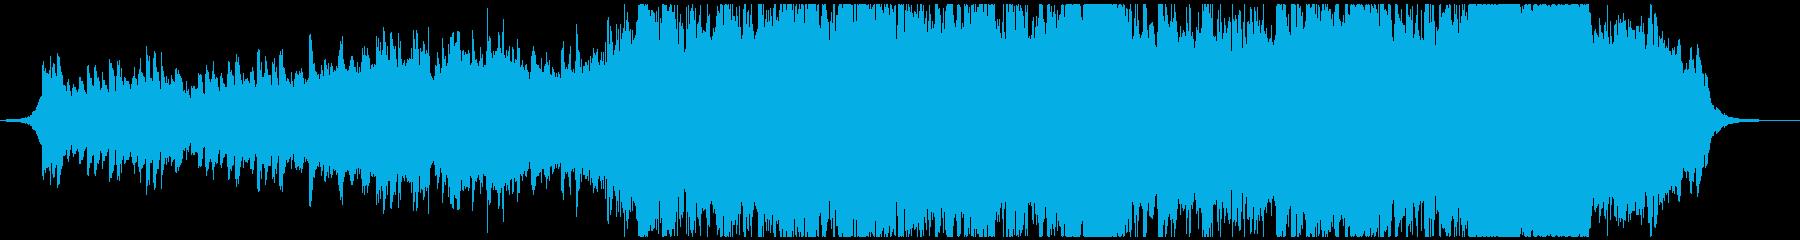 ファンタジーで壮大で美しいオープニングの再生済みの波形